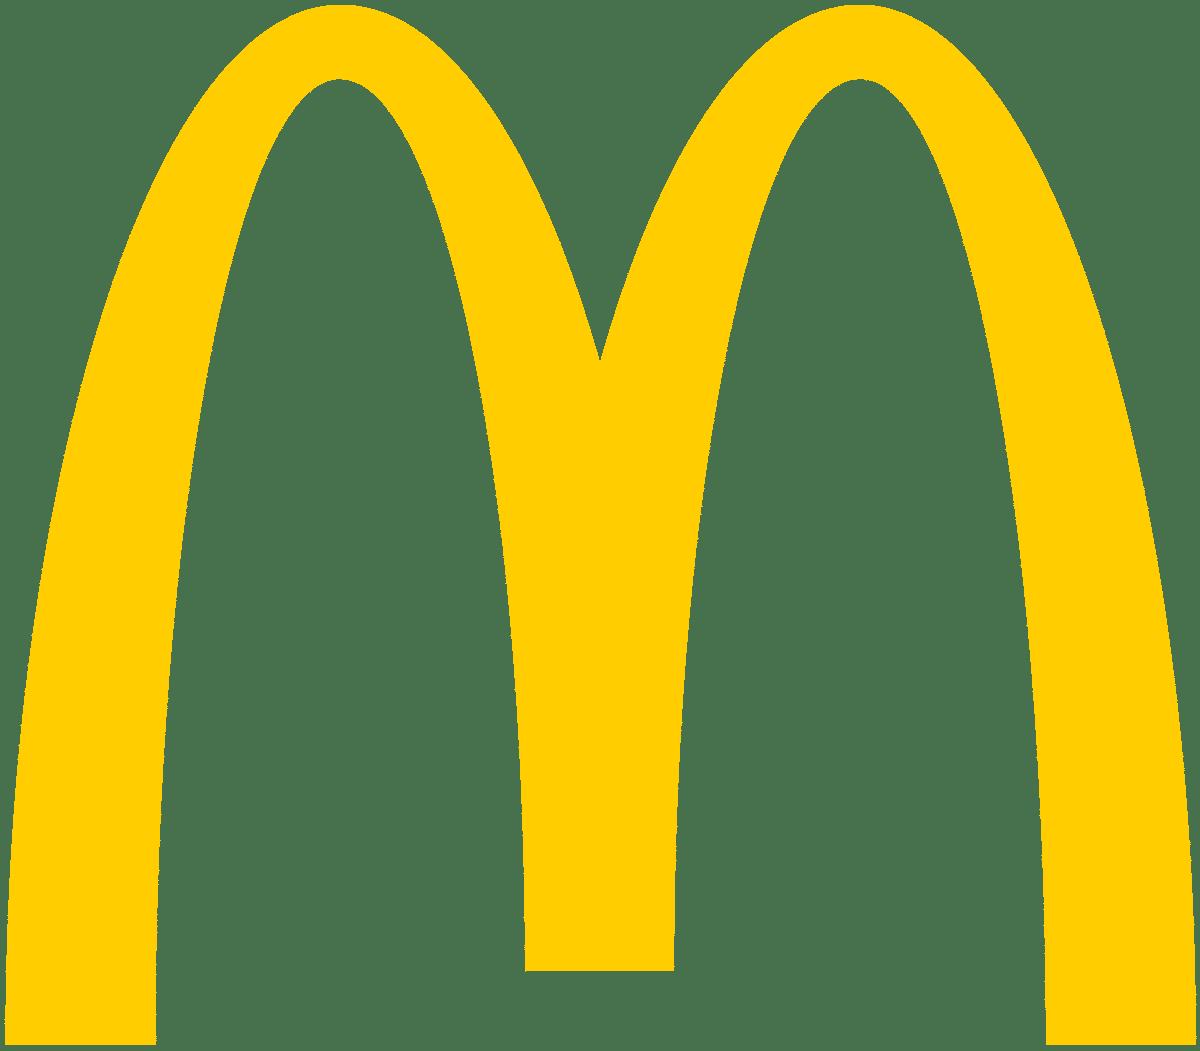 Logo Mac Donald typographie couleurs visuels de la marque